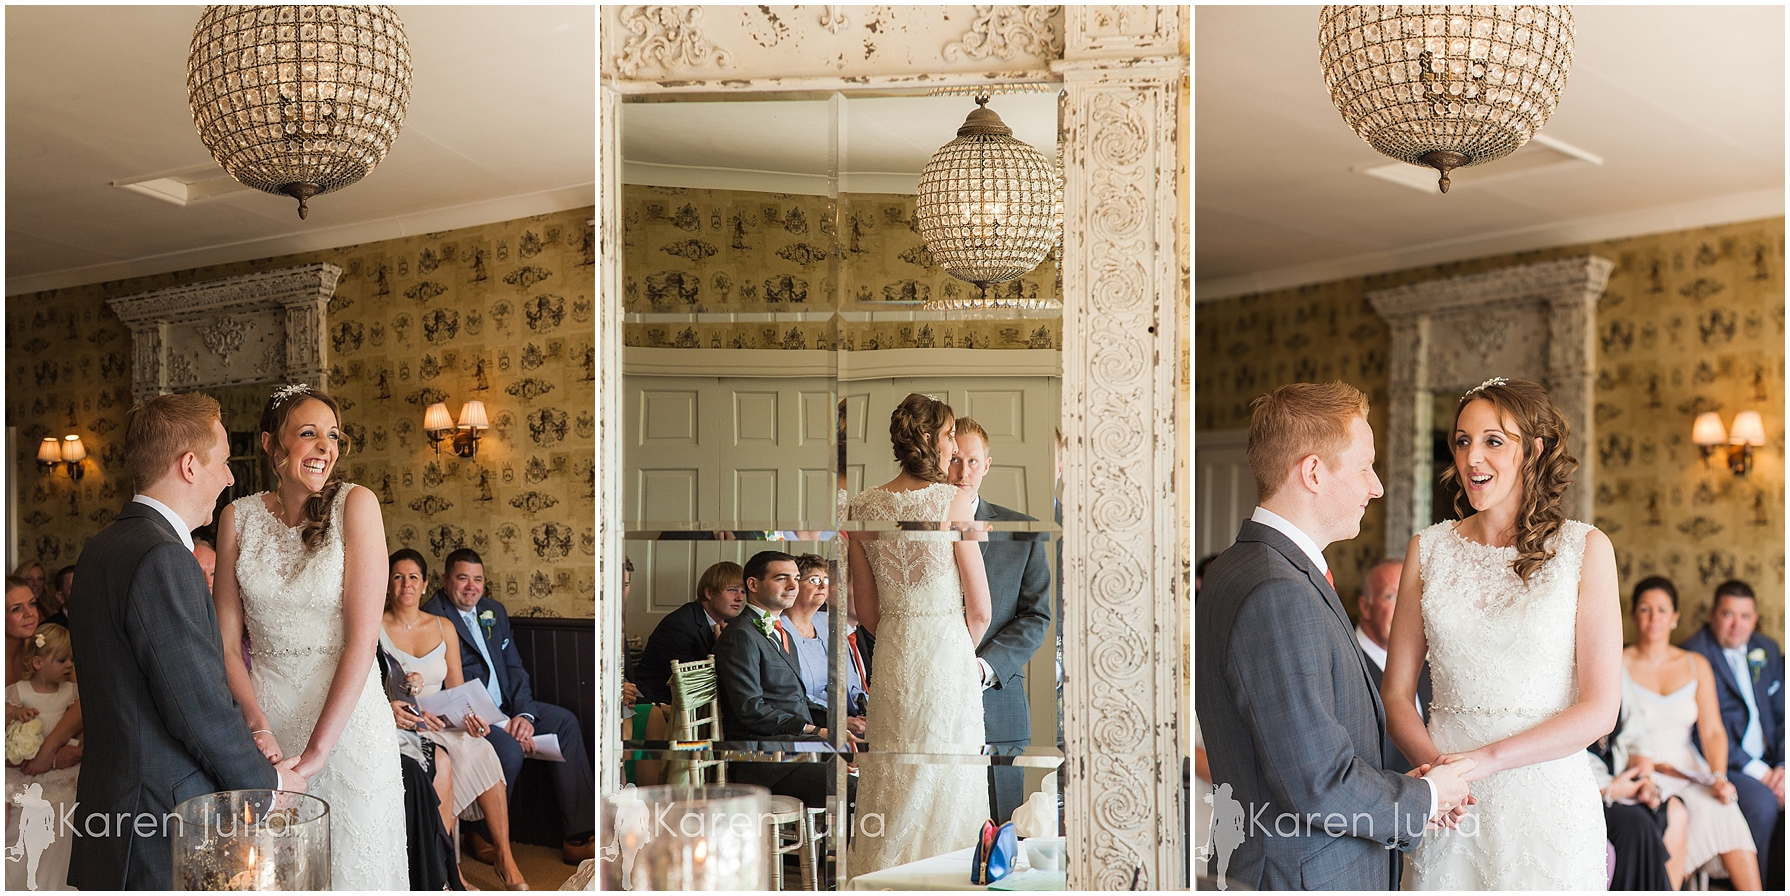 Shireburn-Arms-Wedding-Photography-16